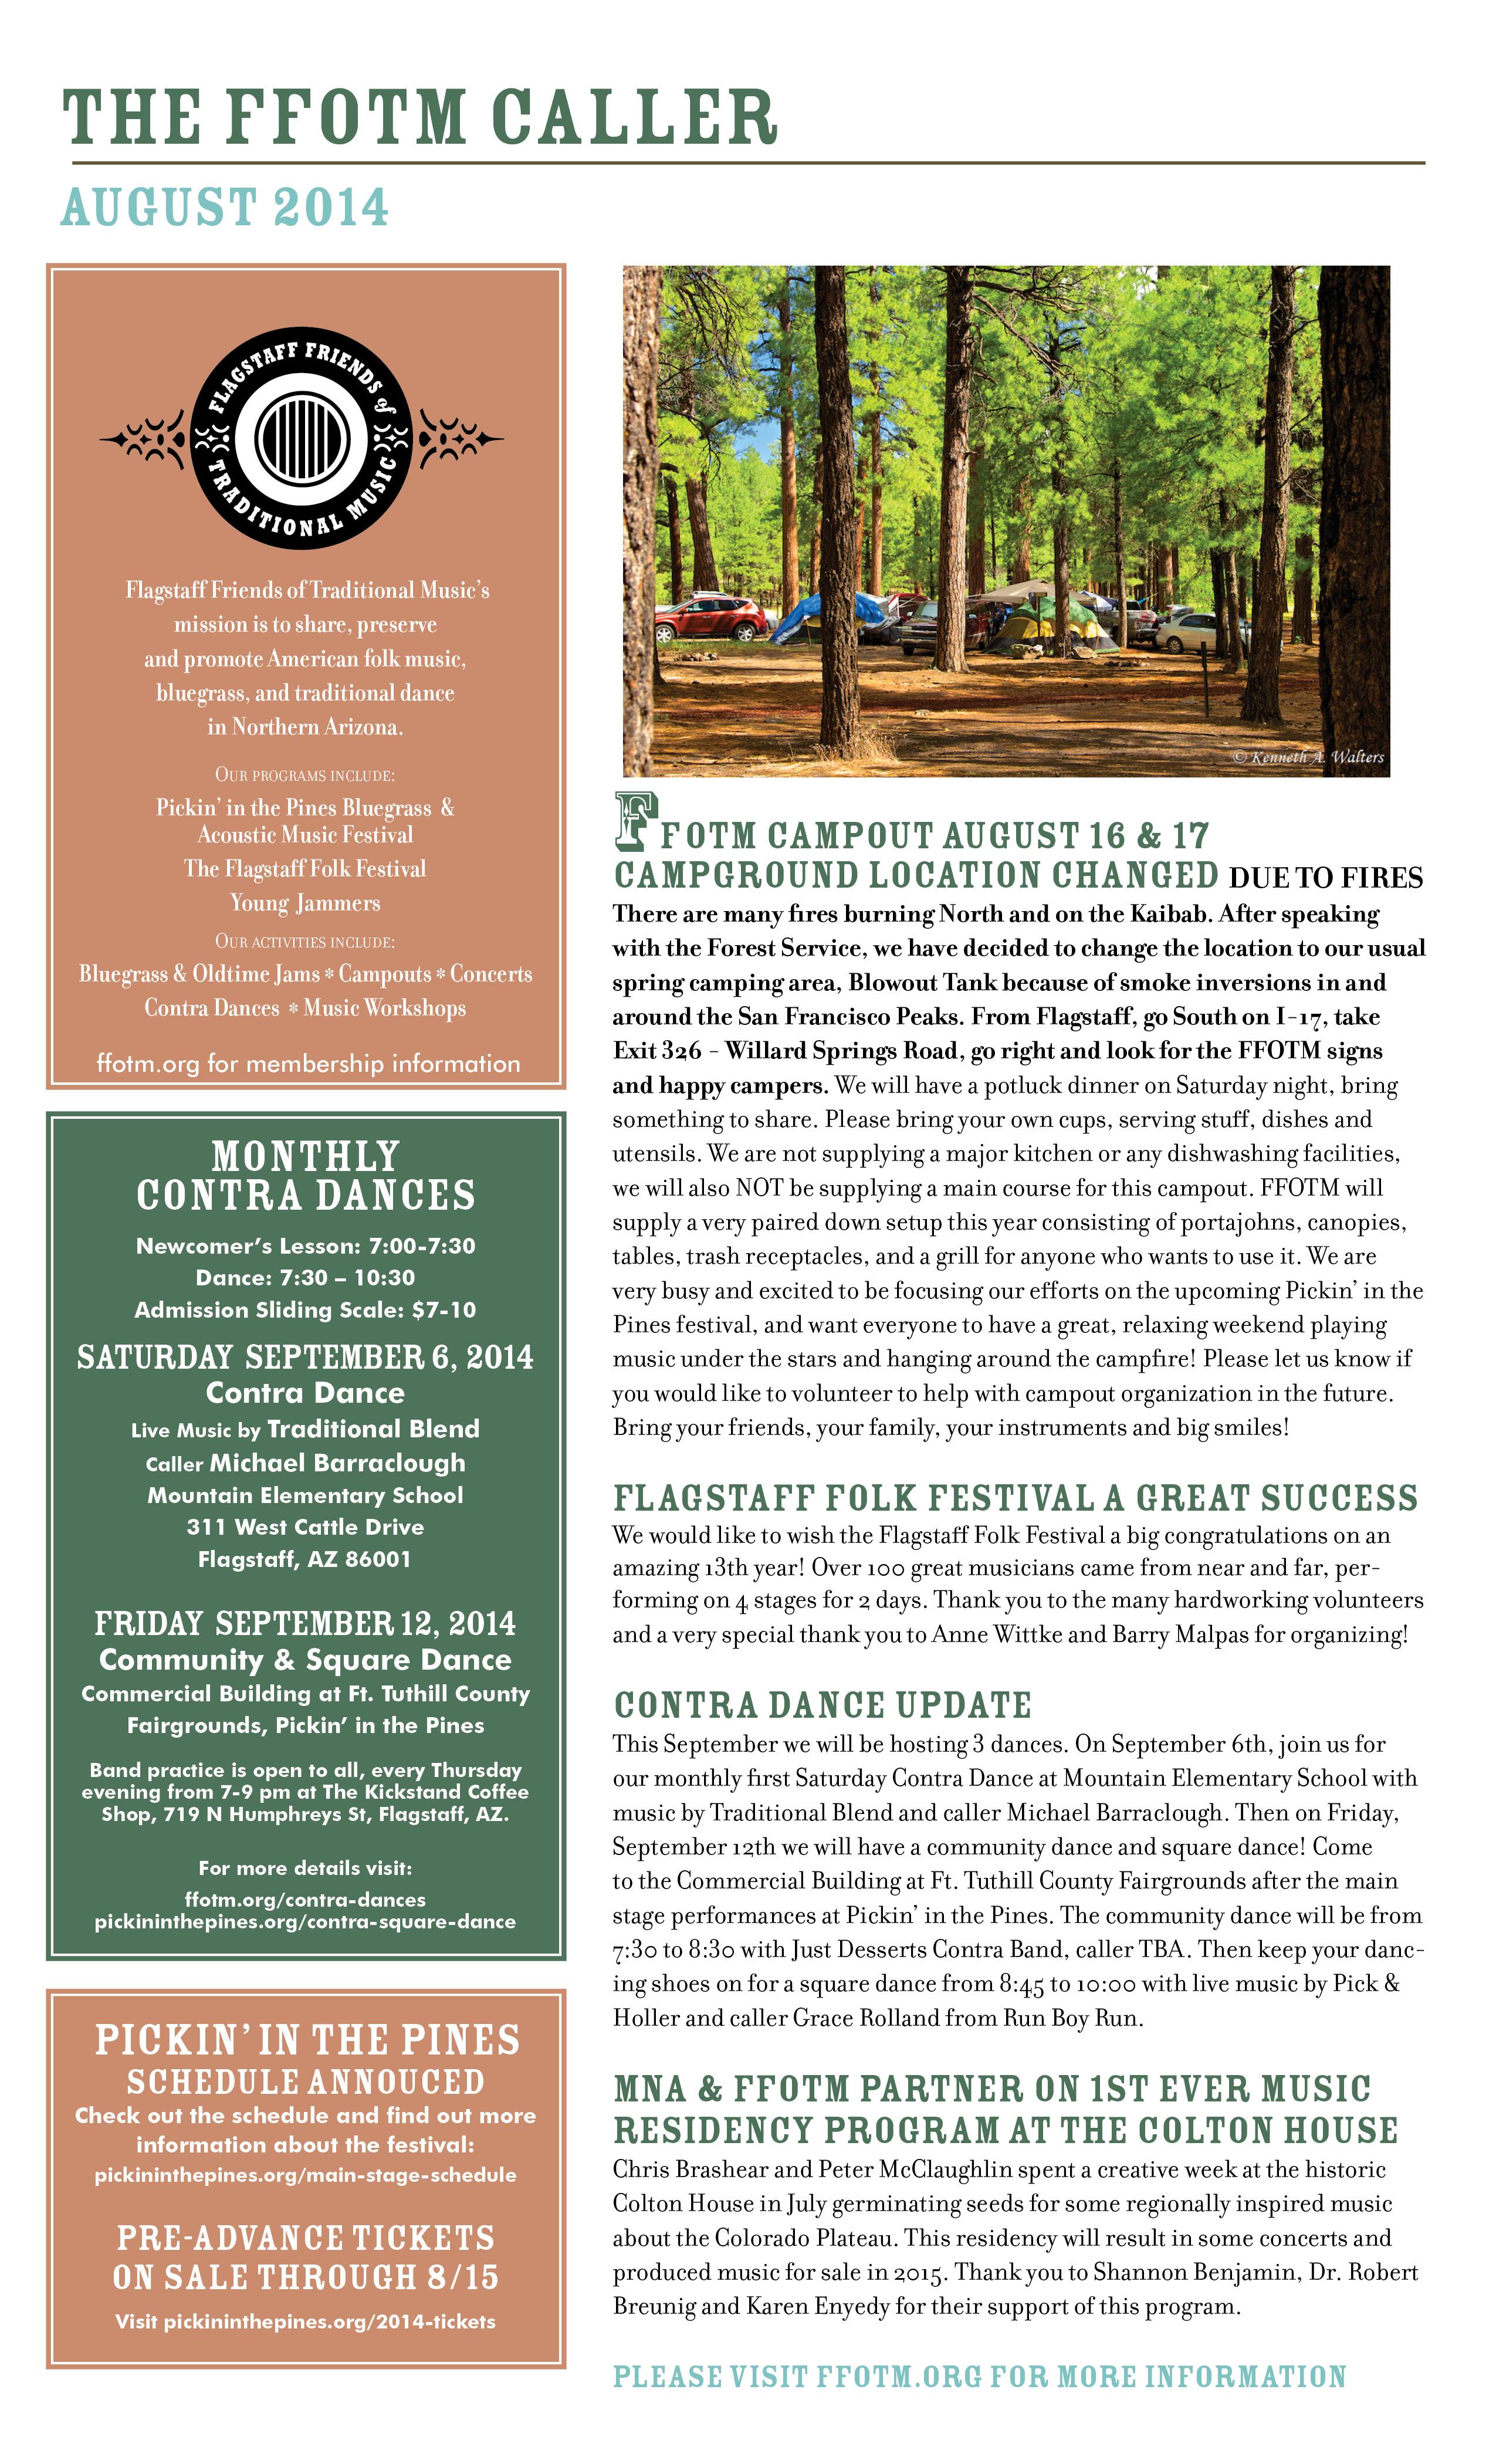 FFOTM August Newsletter-8-13-14-1